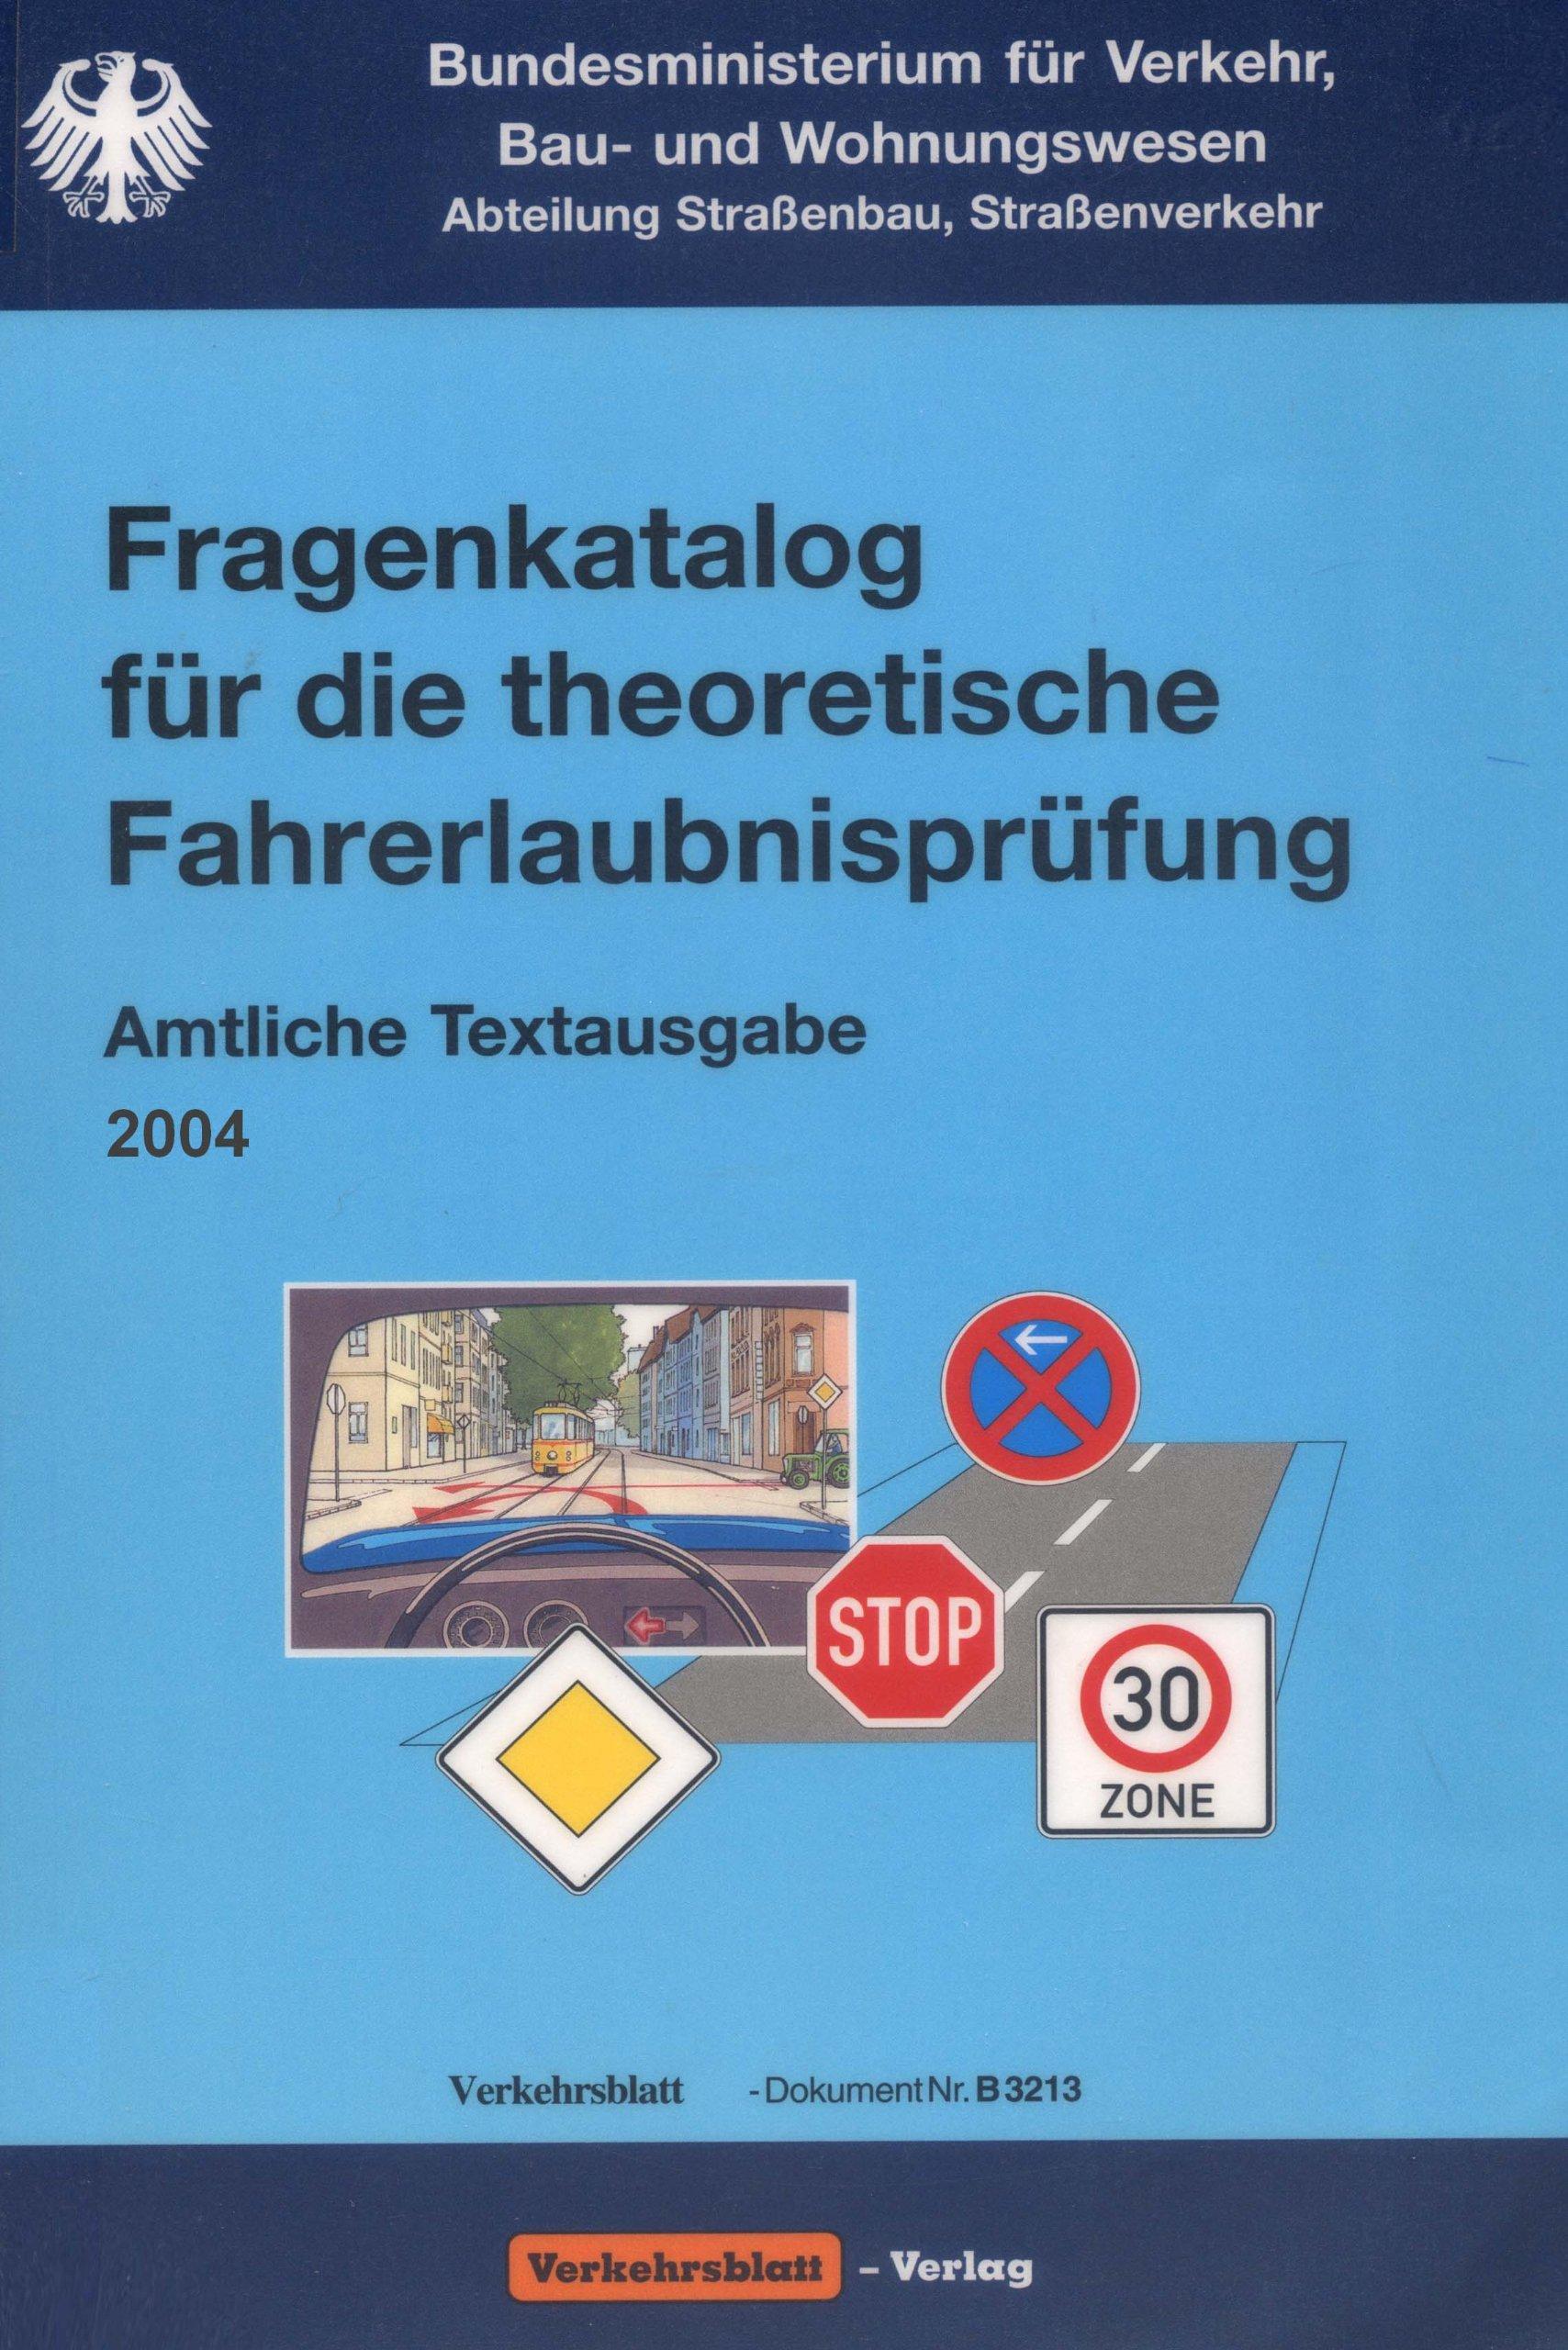 Fragenkatalog für die theoretische Fahrerlaubnisprüfung